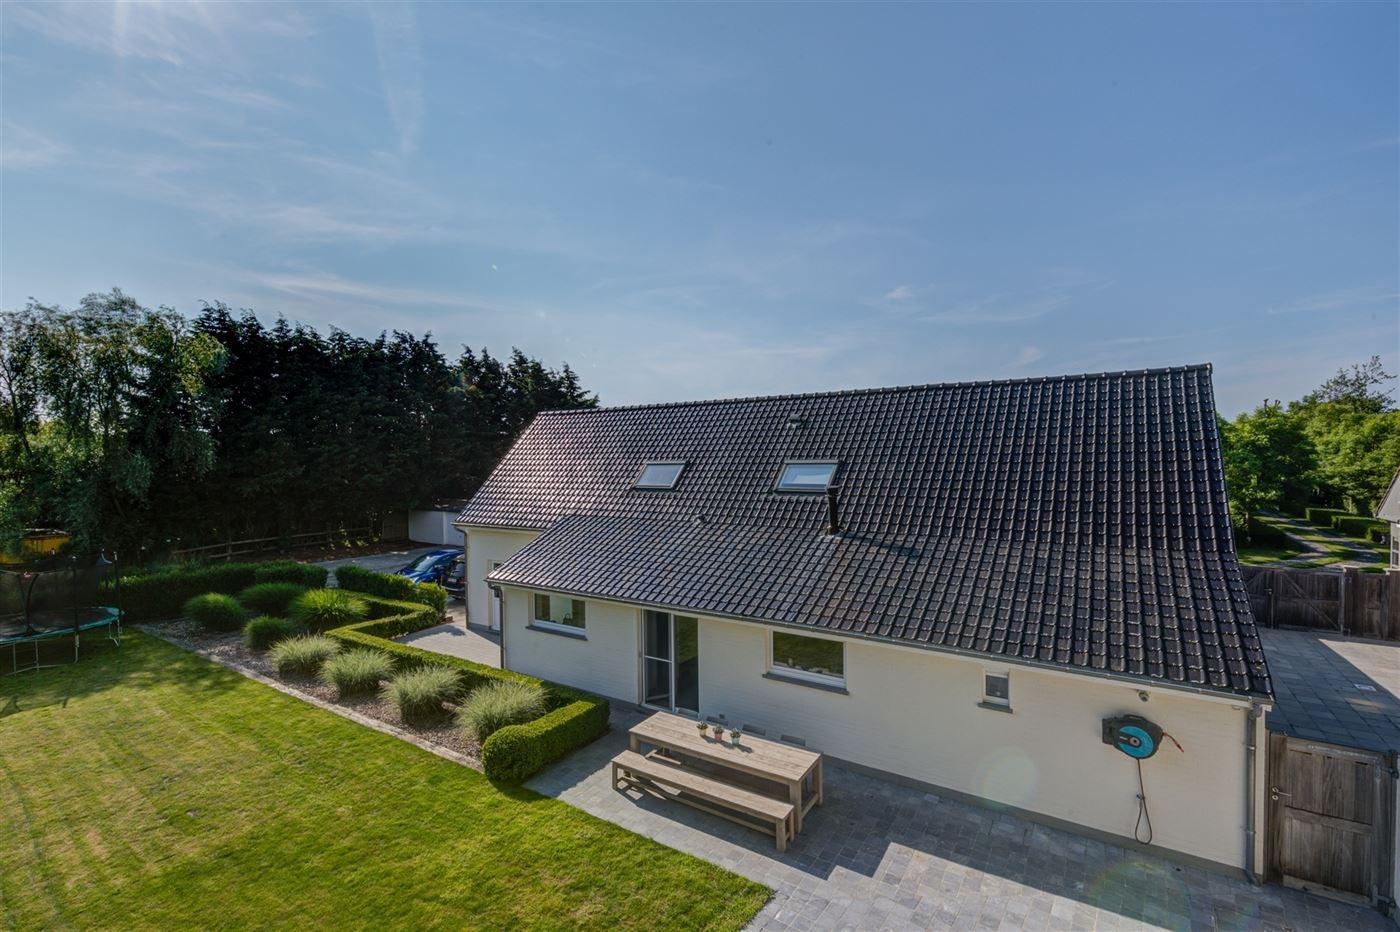 Villa Ten Bogaerde - Unieke woning met bijgebouwen, gelegen op een perceel van 8.700 m² - Uiterst goed gelegen aan de invalsweg van Koksijde - Vlotte...